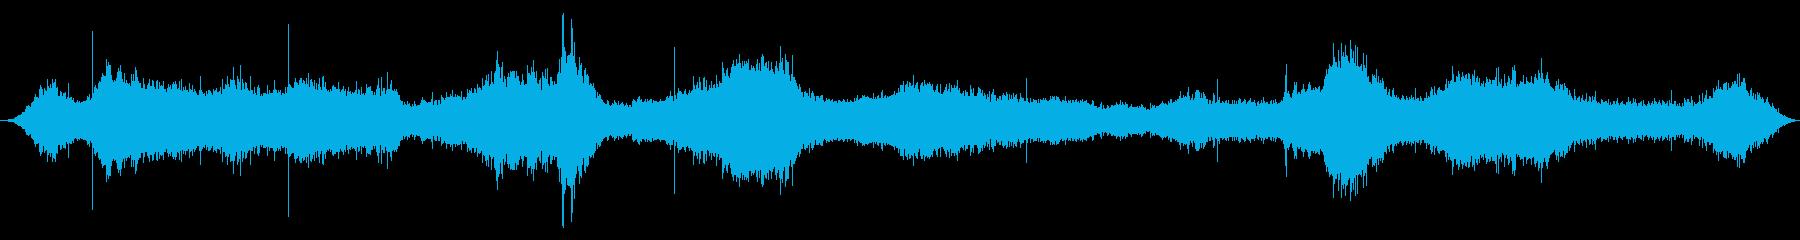 オーシャン:重い波がやってくる、ウ...の再生済みの波形